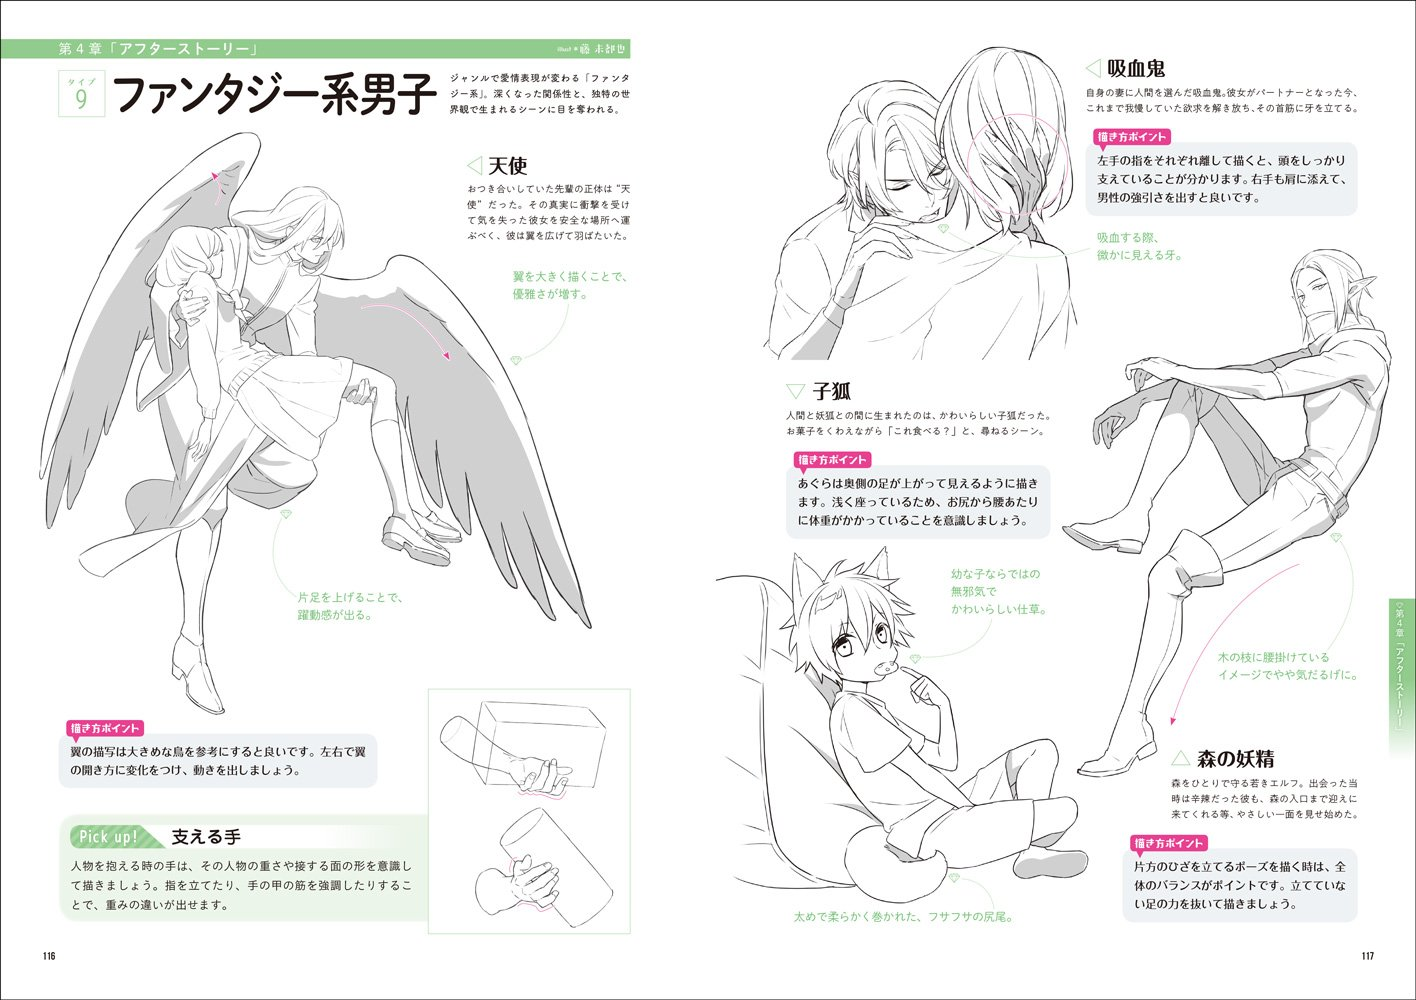 甘い彼の描き方230 超描けるシリーズ うにいくら 桐矢 隆 ツグトク